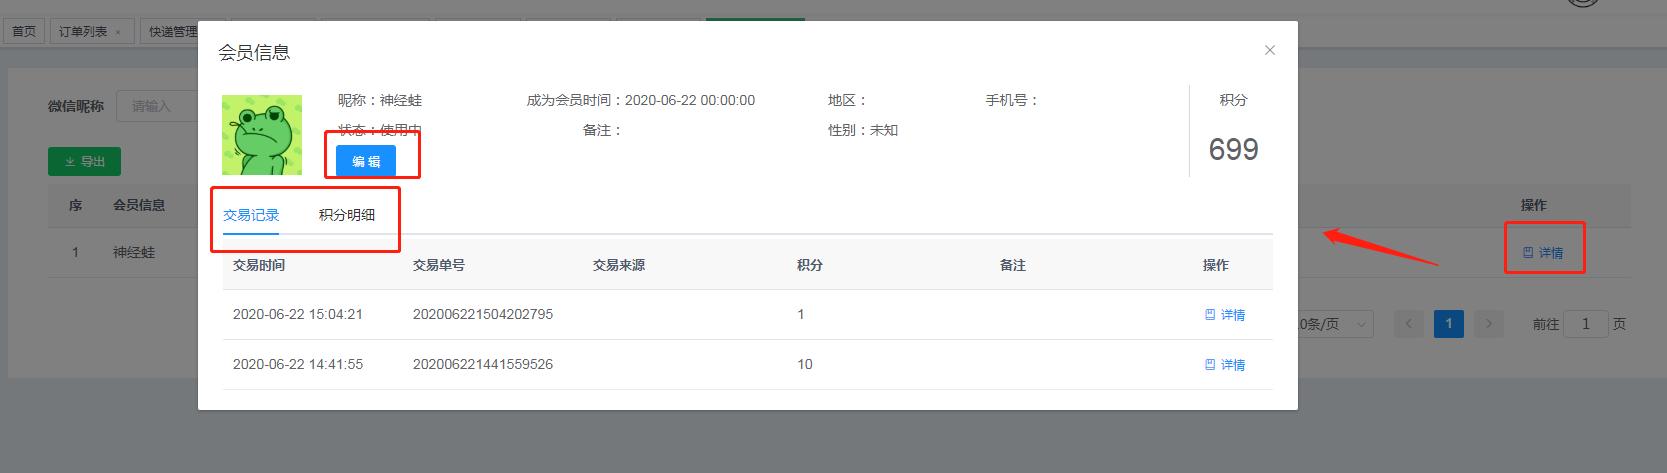 爱码物联SaaS平台-会员的交易记录及积分明细记录